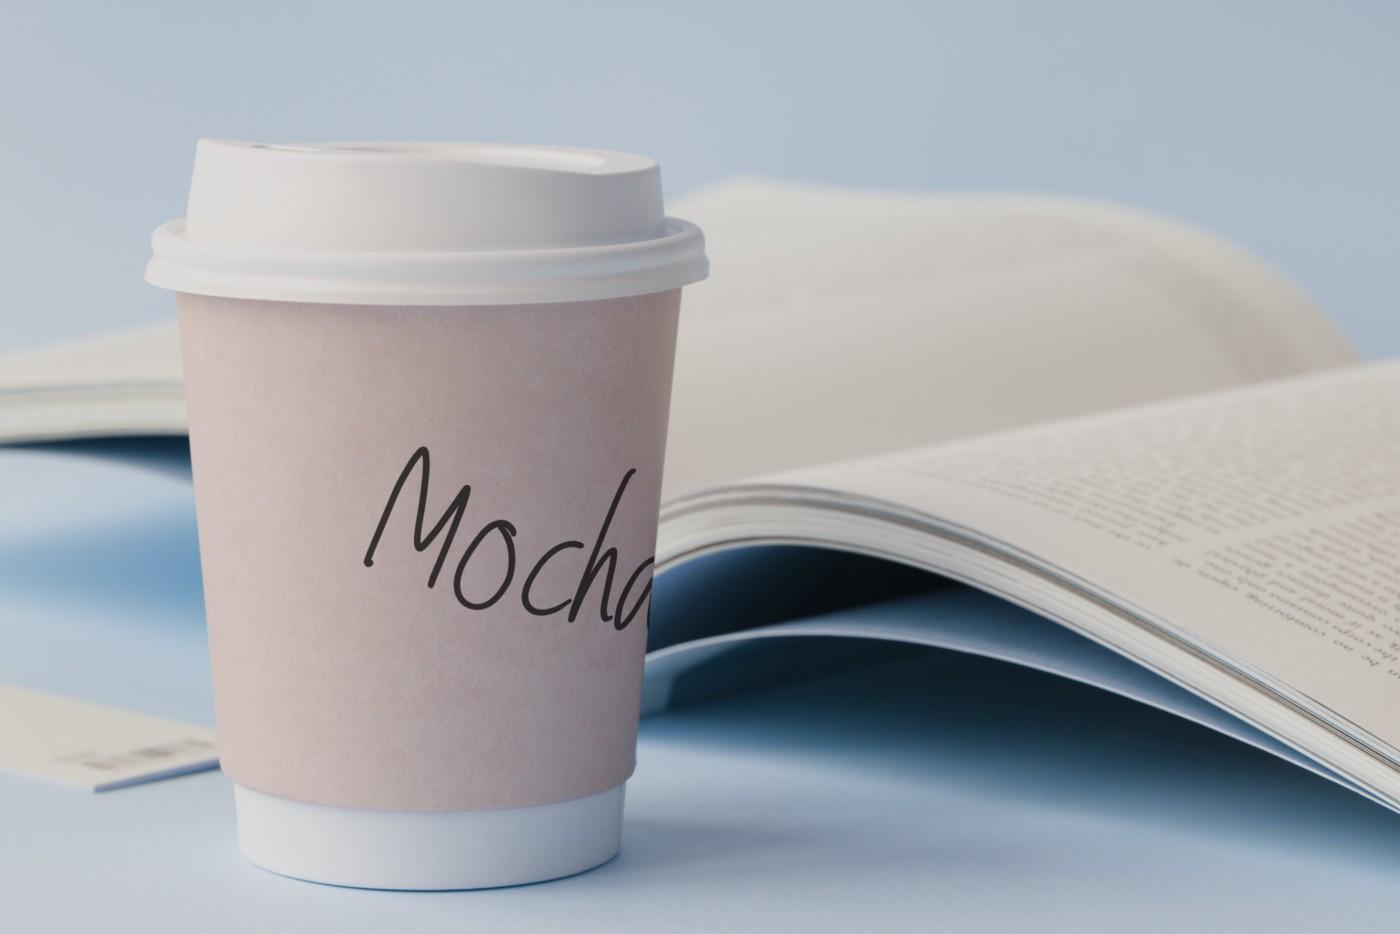 Caffé Mocha 摩卡咖啡